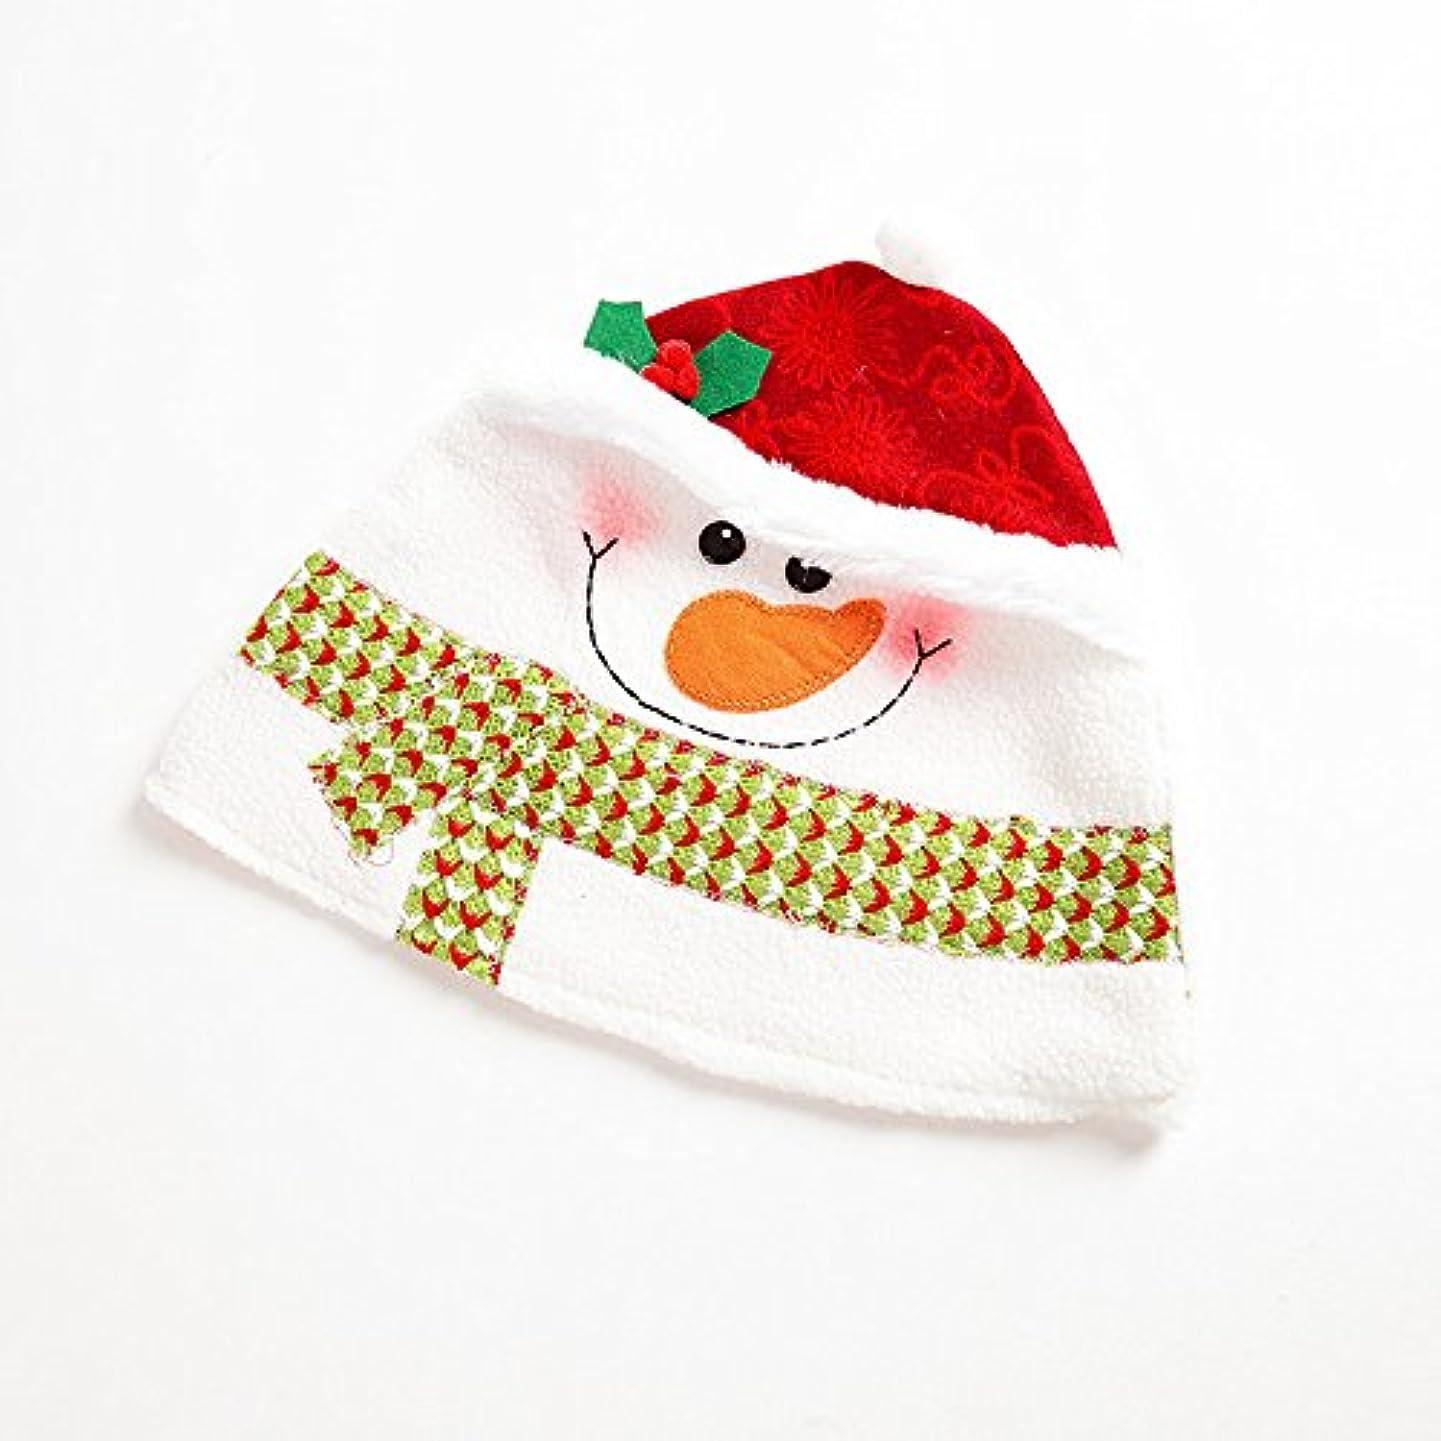 ライド月面腐食する[サンタ帽子] 男女兼用 wileqep [クリスマス] サンタクロース クリスマス帽 コスプレ衣装 コスプレパーティー イベントおもしろ 子供 仮装 販売 宴会グッズ ゲーム かわいい パーティー 公演 おもしろいハ コスチューム ユニーク